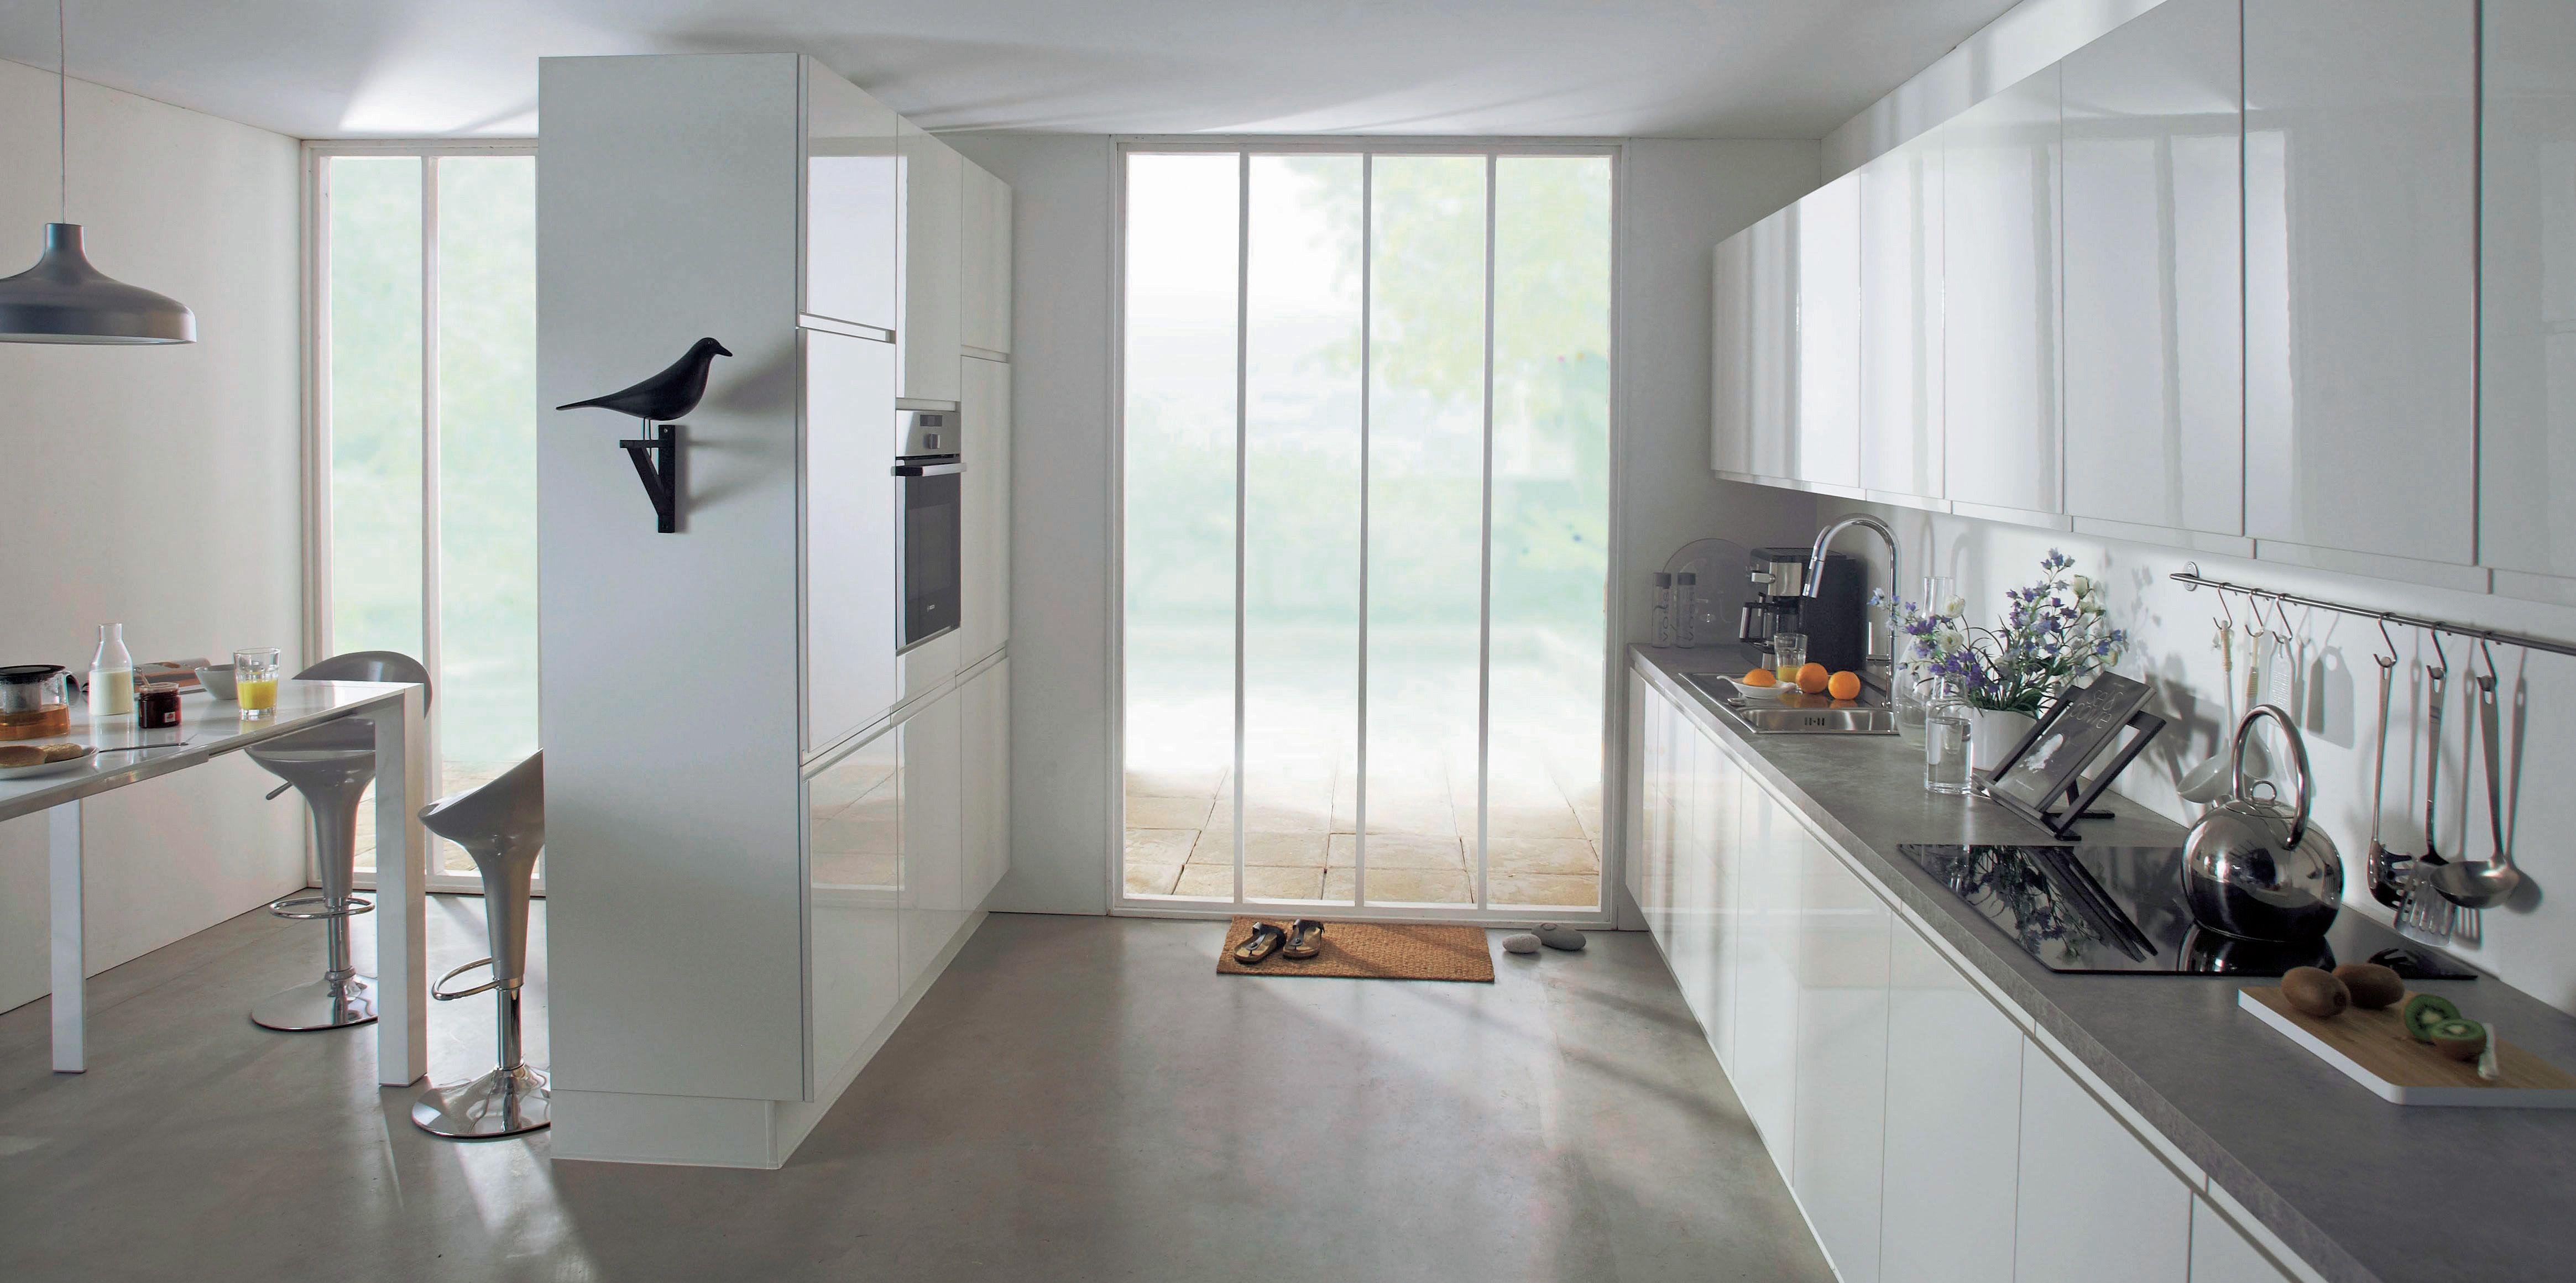 dabf6bf92e948 séparation d espaces par meubles haut Cuisine design blanche laquée Flash